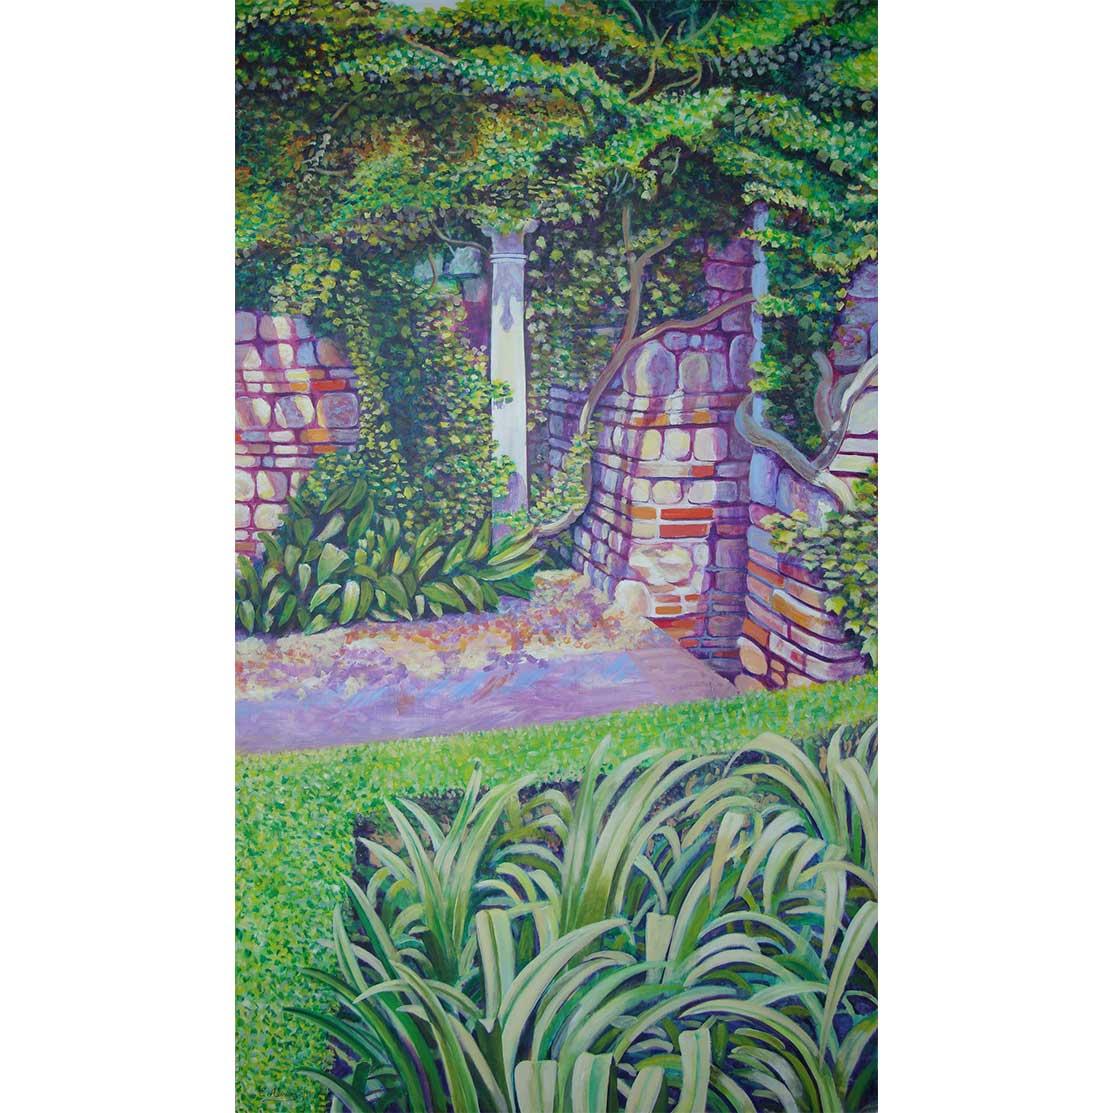 THE MYSTERIOUS COLUMN Acrylic on panel 139 x 80 cm